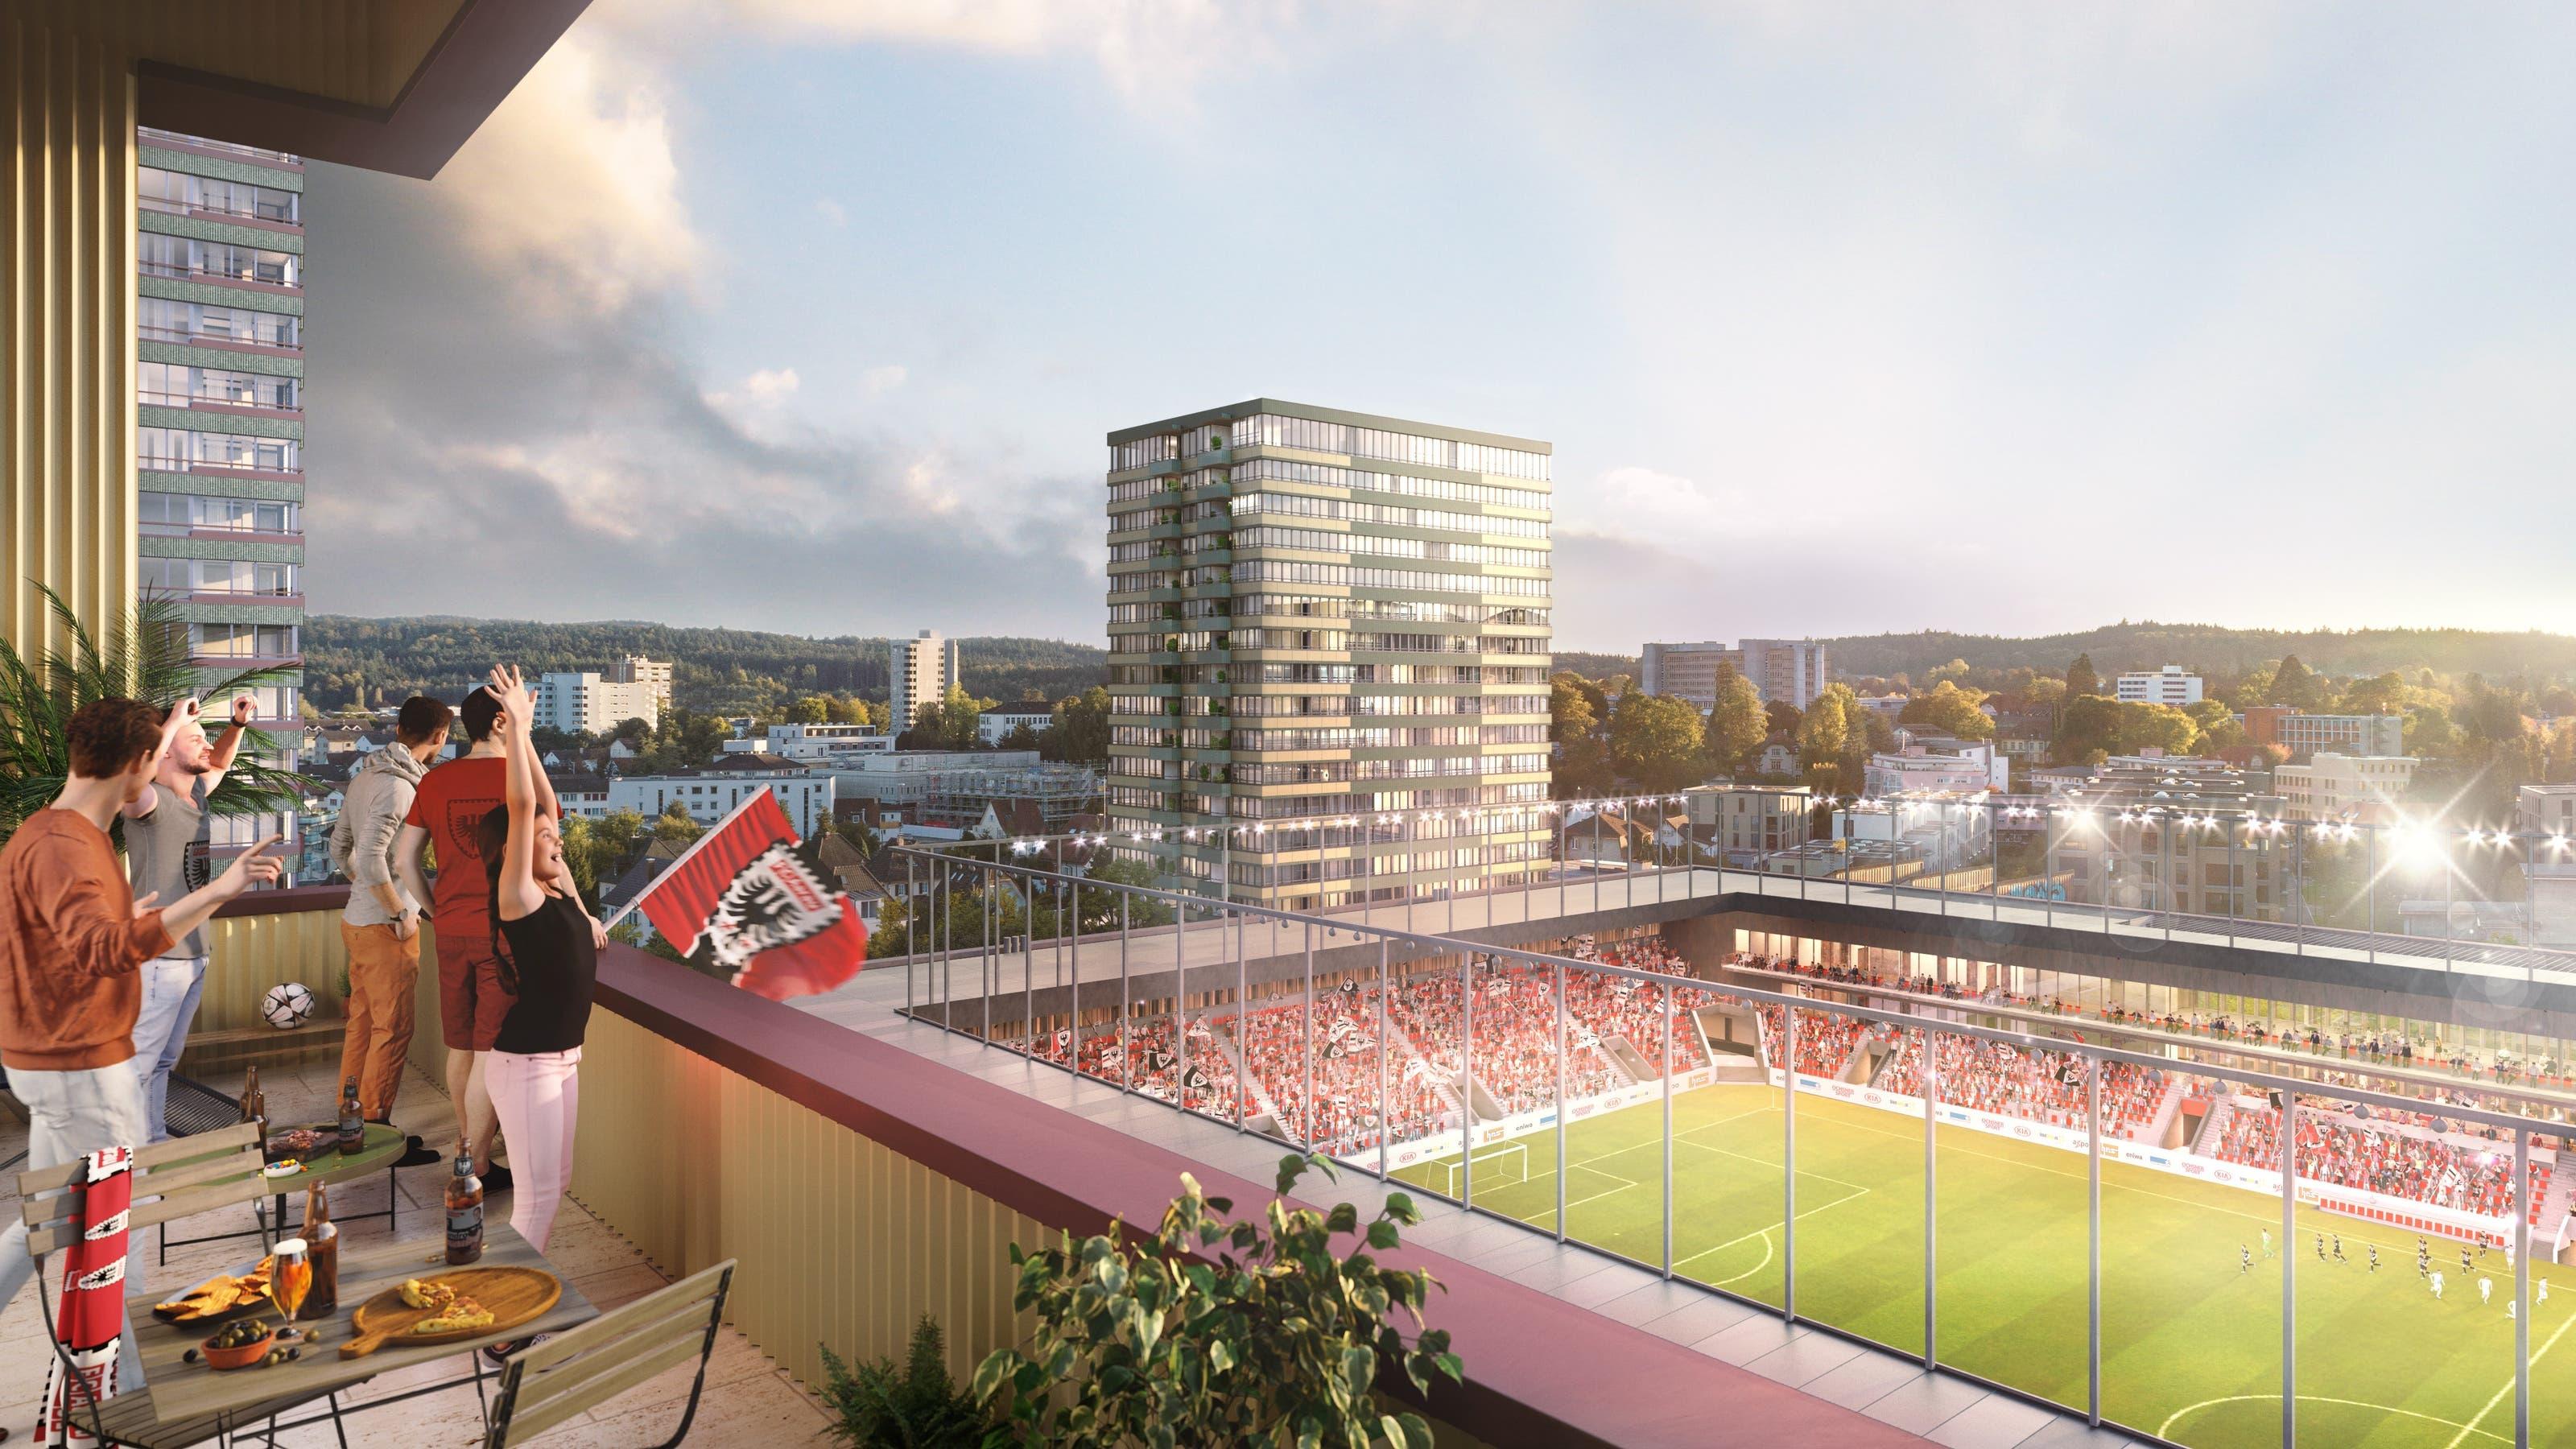 Das sind Visualierungen der Stadion-Bauherrin HRS Real Estate AG vom geplanten Hochhausquartier im Torfeld Süd. Hier der Blick von der Gemeinschaftsloggia im Hochhaus B